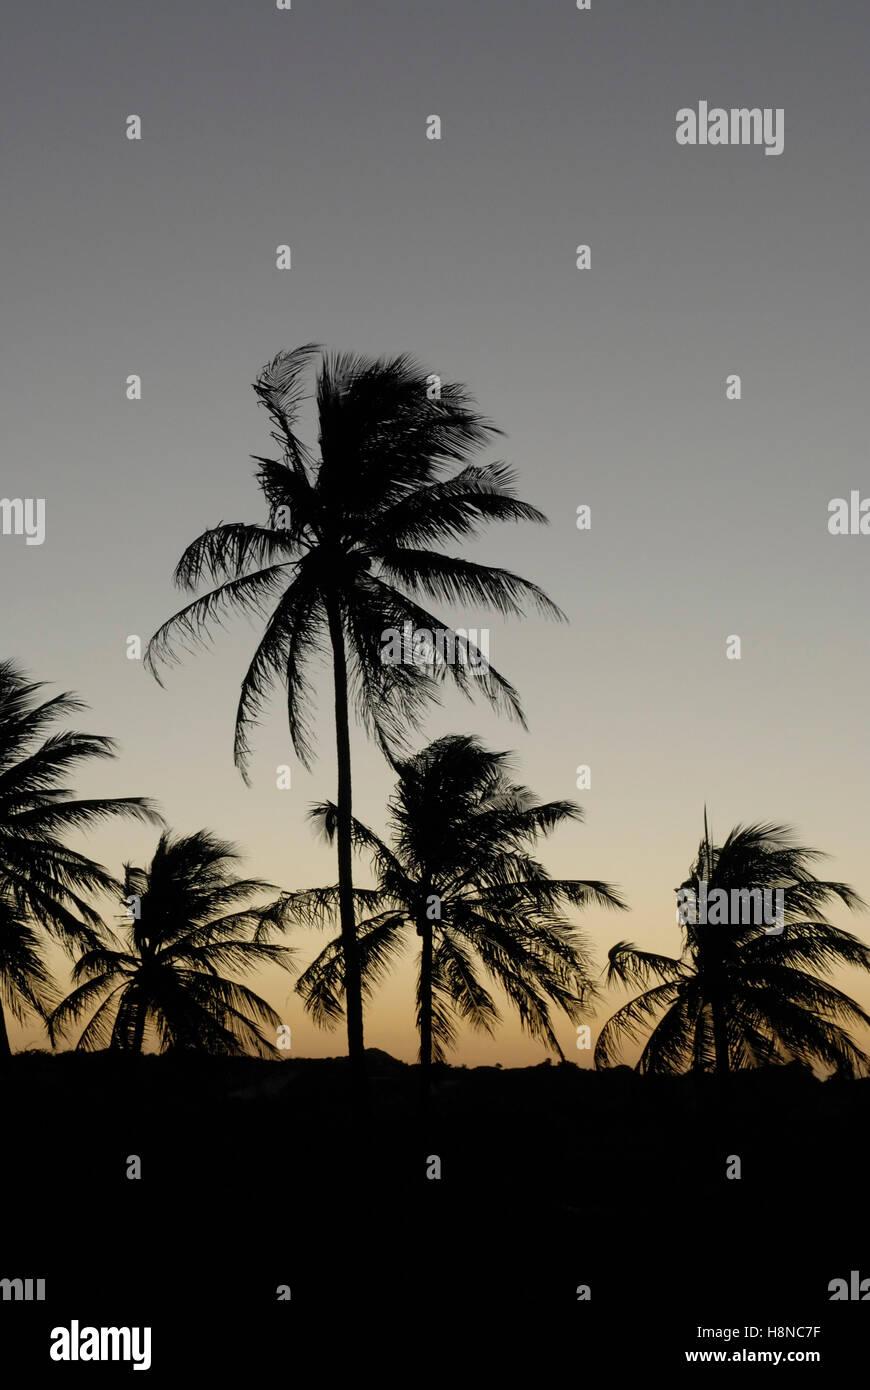 Sihouette di palme da cocco dopo il tramonto Immagini Stock